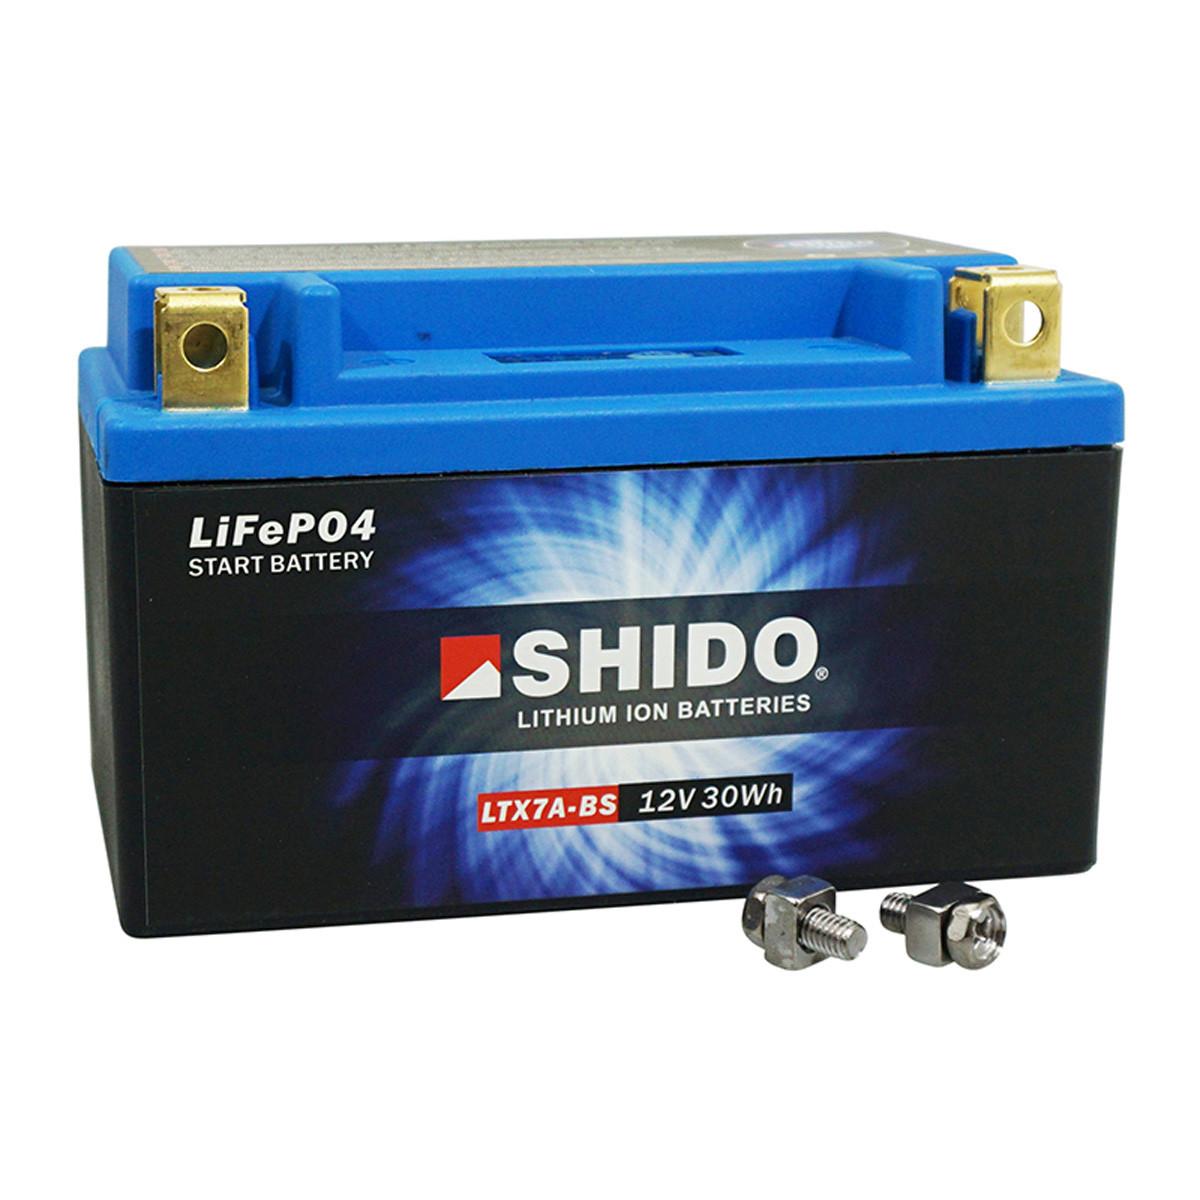 Batterie 12V 2.4 Ah LTX7A-BS - SHIDO Lithium-ion Prêt à l'emploi / Sans entretien